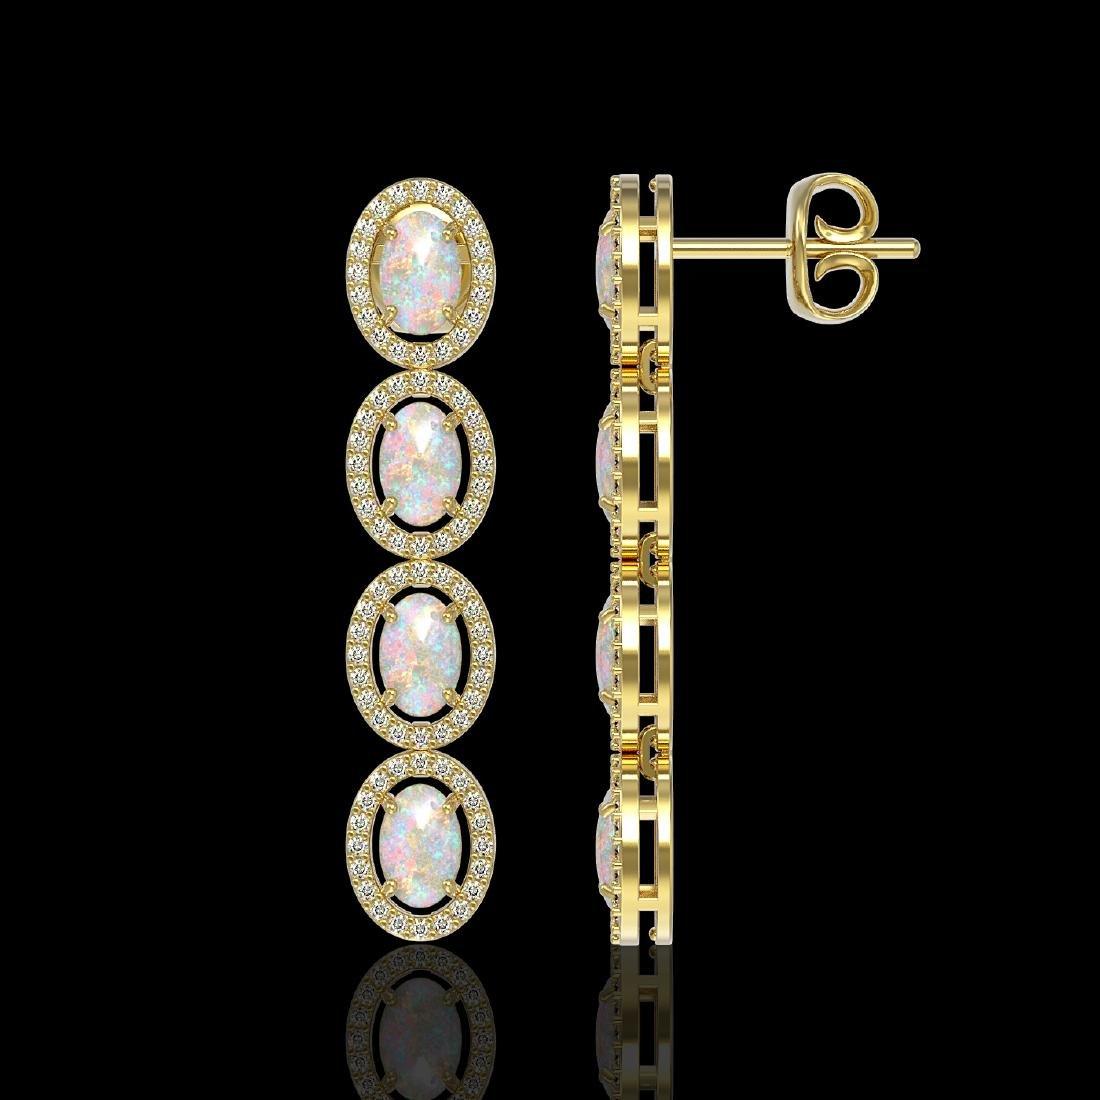 4.05 CTW Opal & Diamond Halo Earrings 10K Yellow Gold - 2